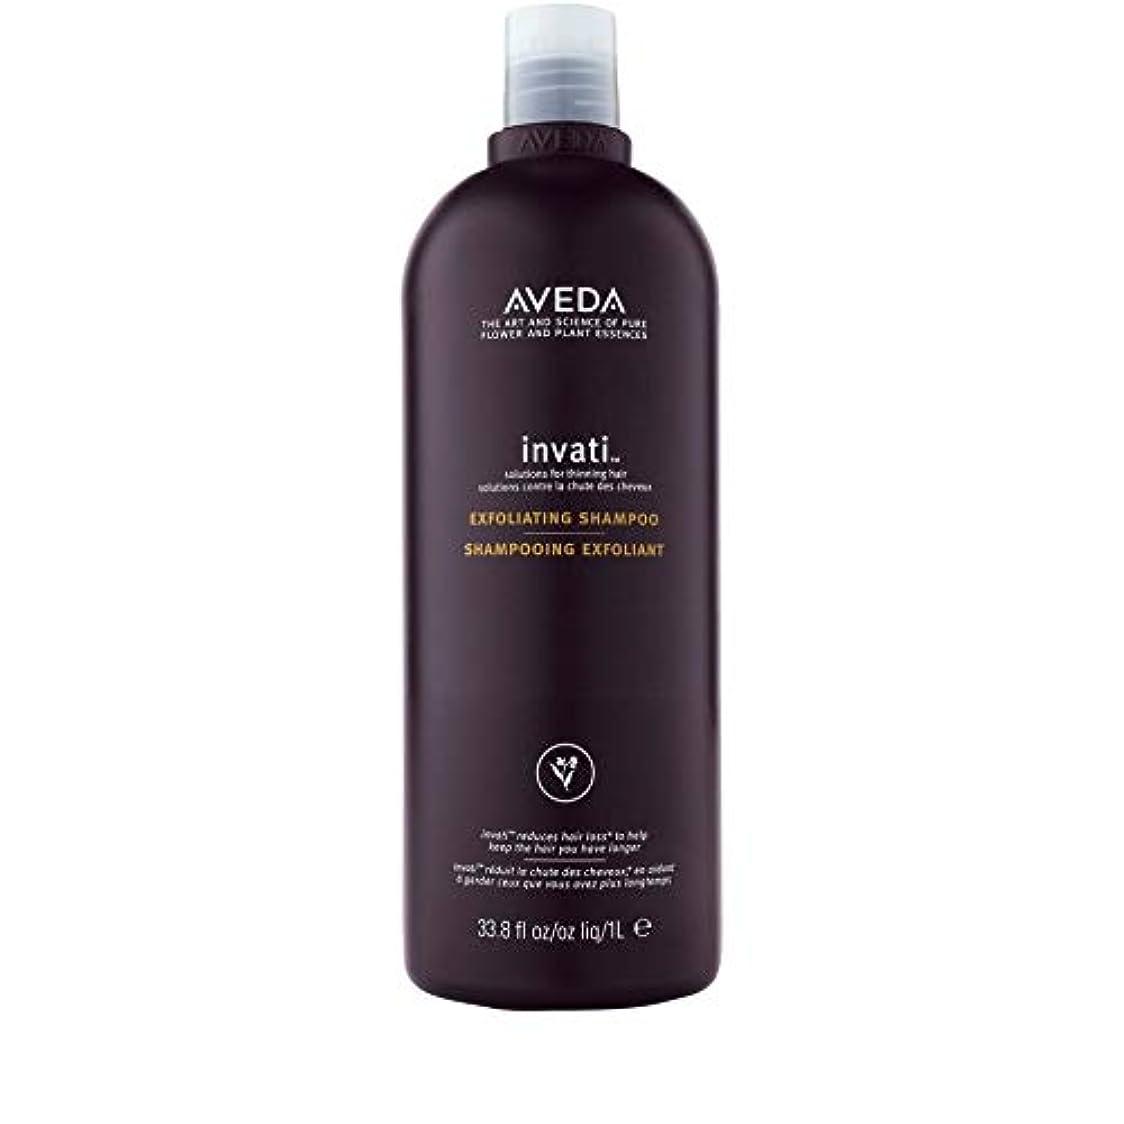 歌海里見積り[AVEDA ] アヴェダInvati角質シャンプー1リットル - Aveda Invati Exfoliating Shampoo 1L [並行輸入品]